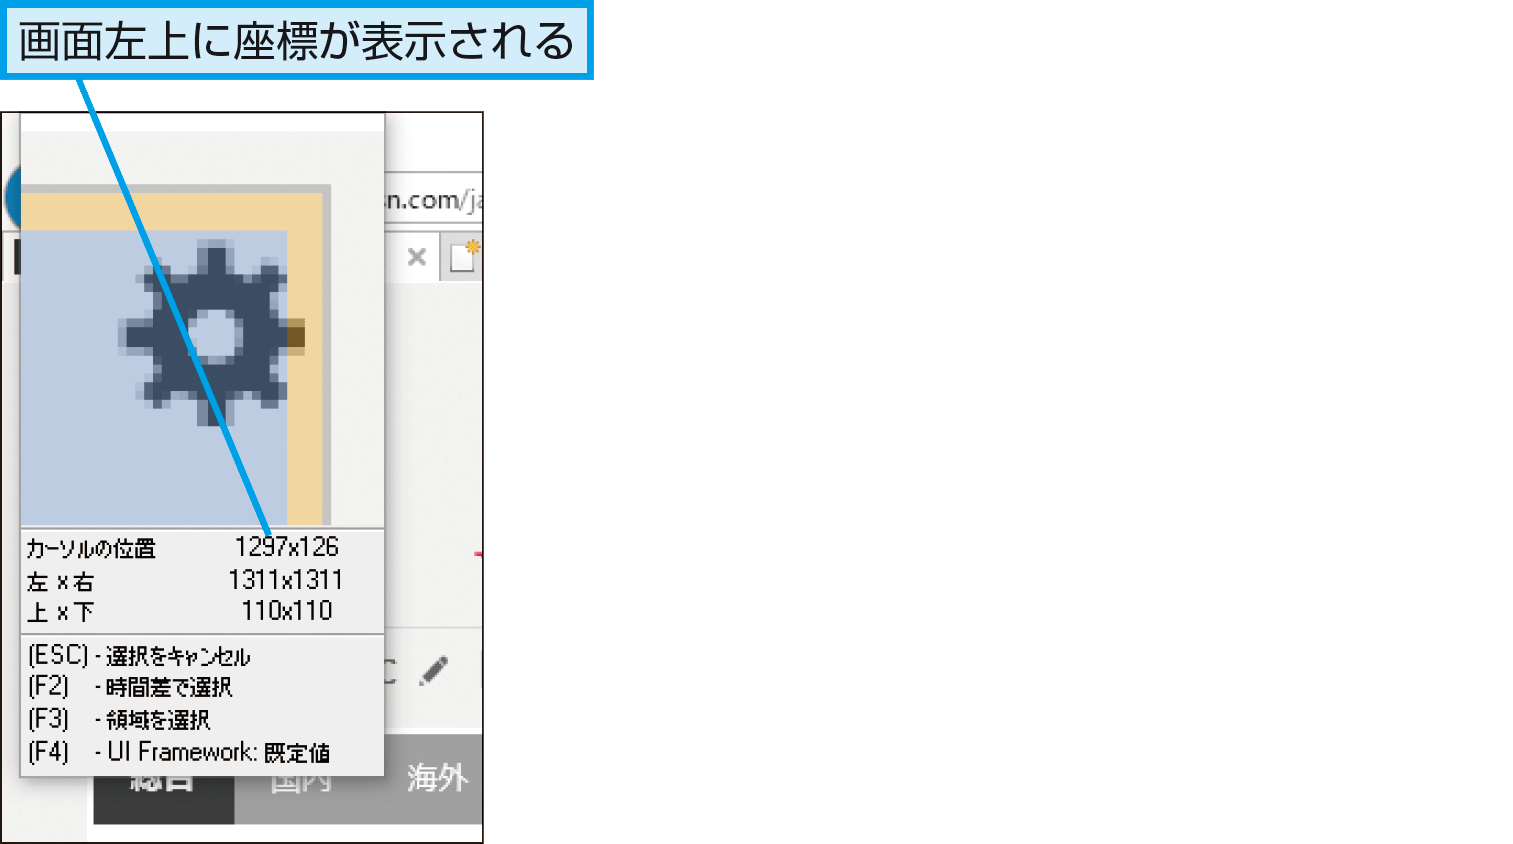 クリックする場所をピクセル単位で調整するには(カーソル位置、オフセット) - できるUiPath